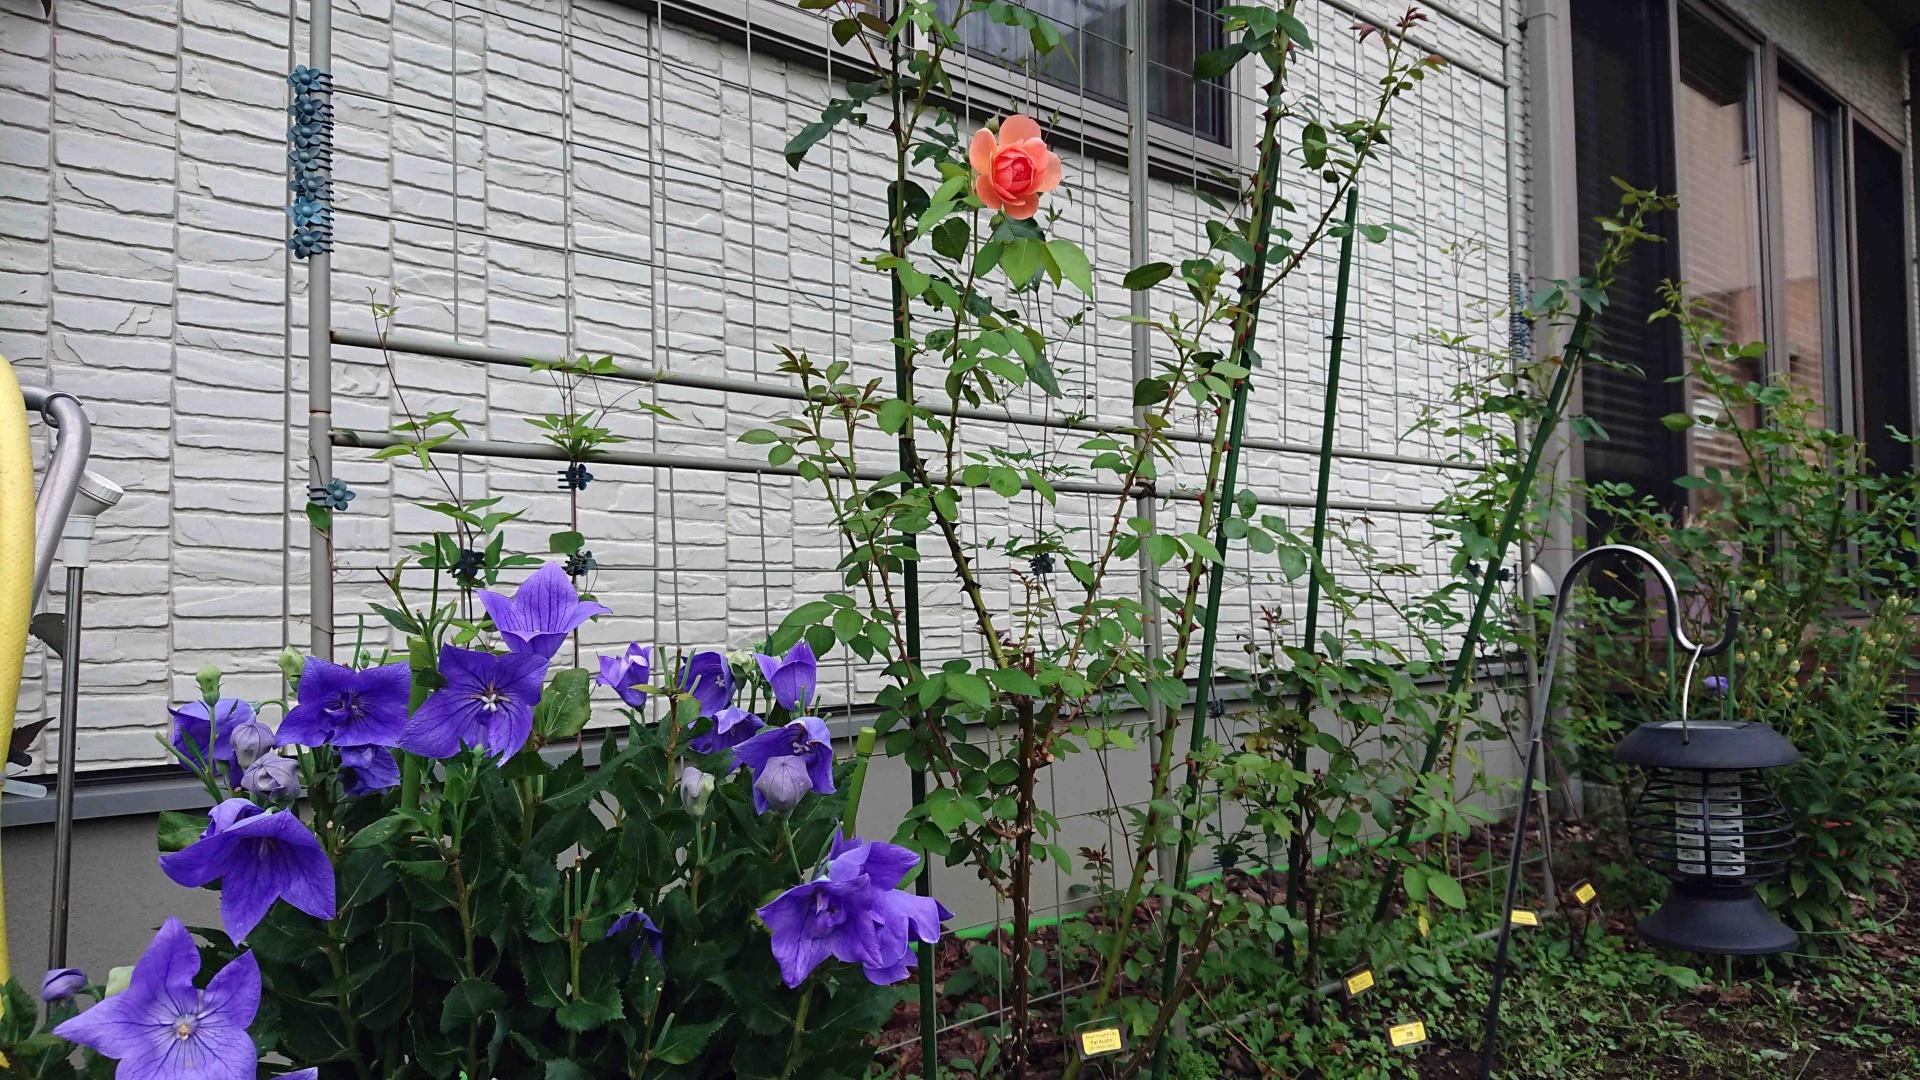 絞り咲きアポイキキョウ/ ER パットオースチン,2020年8月30日